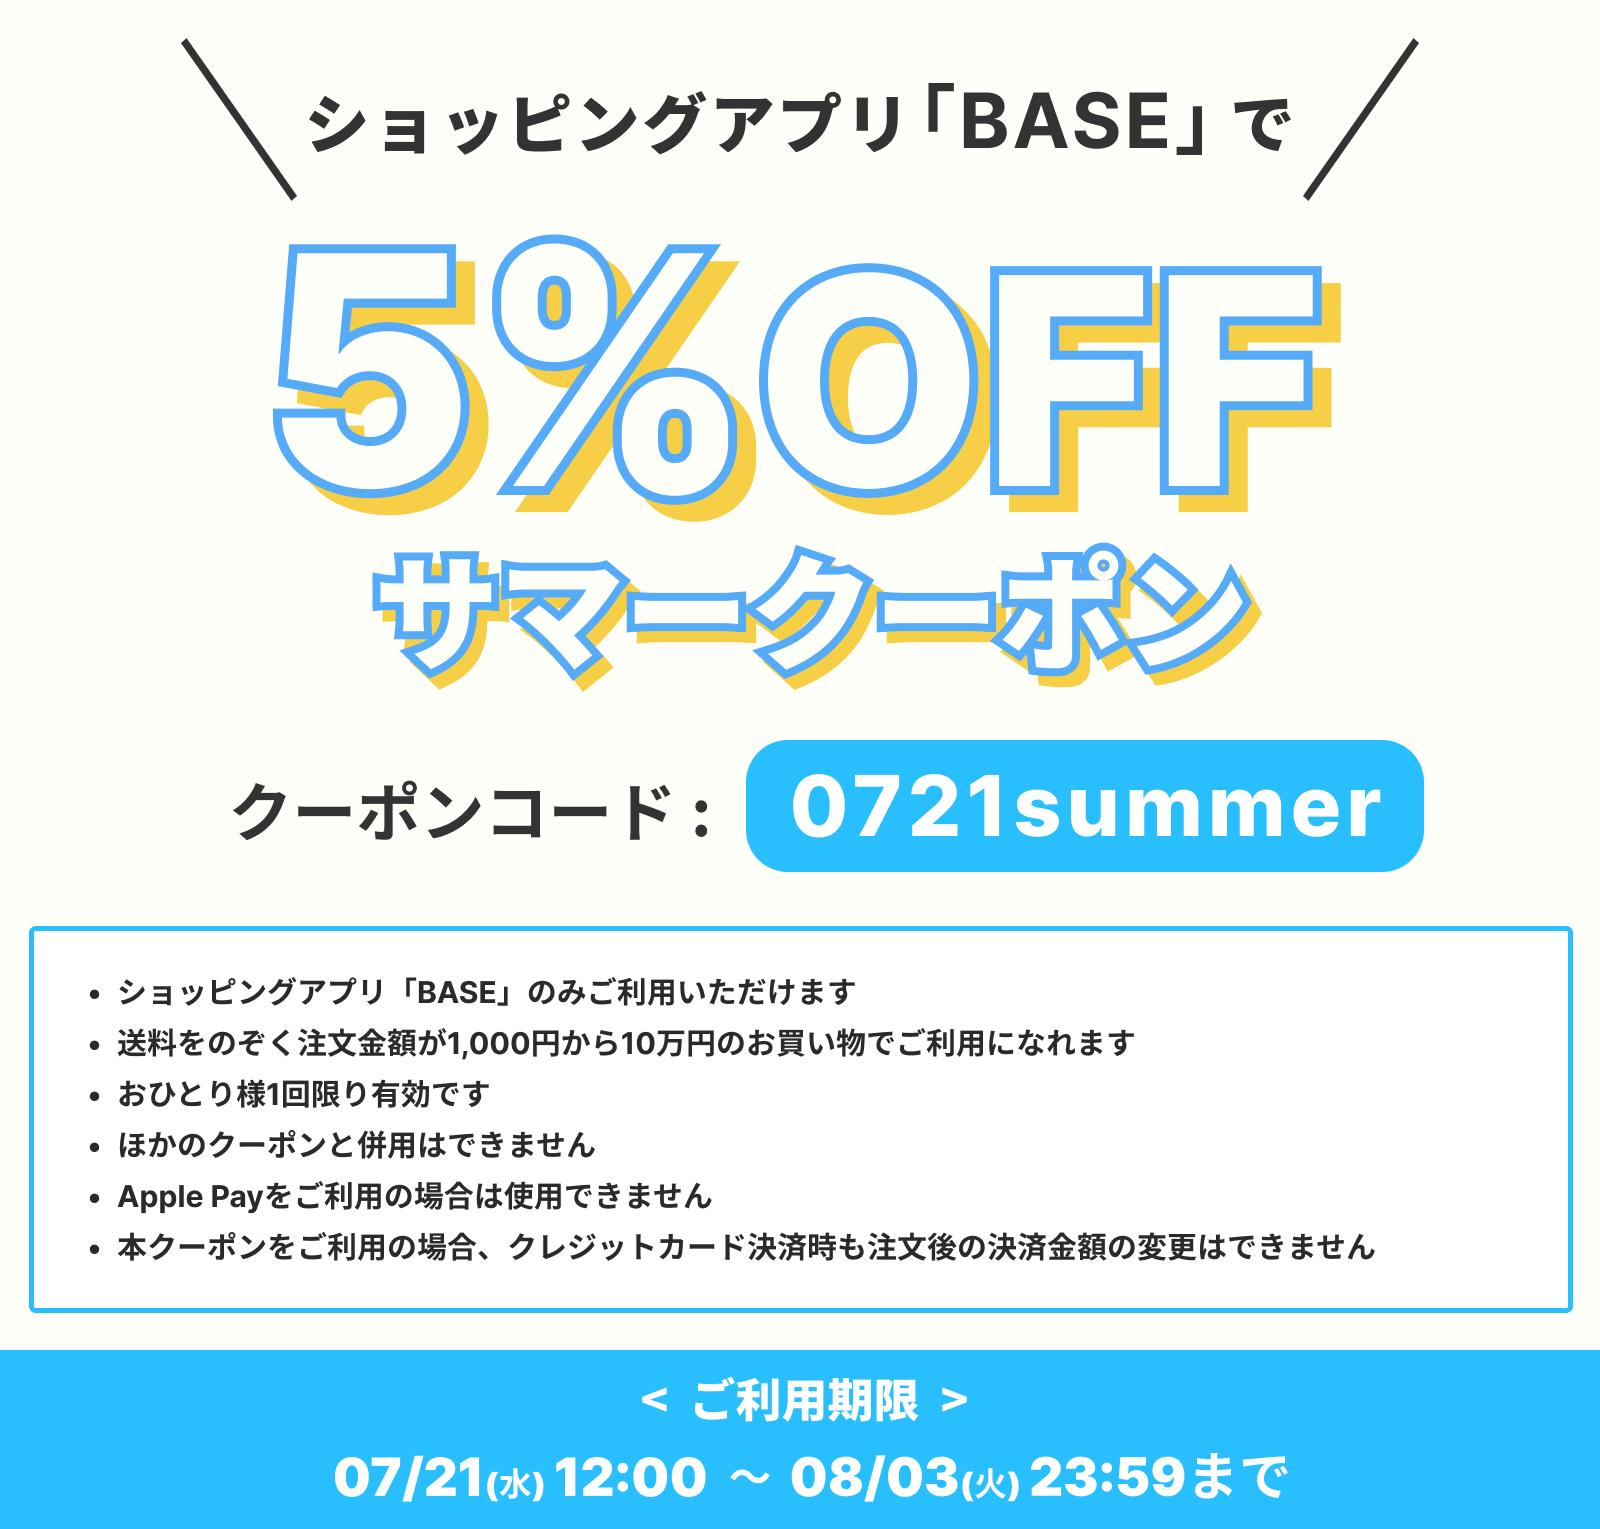 【7/21~8/3限定 】 「BASE」サマークーポンキャンペーン!5%OFFクーポンをプレゼント